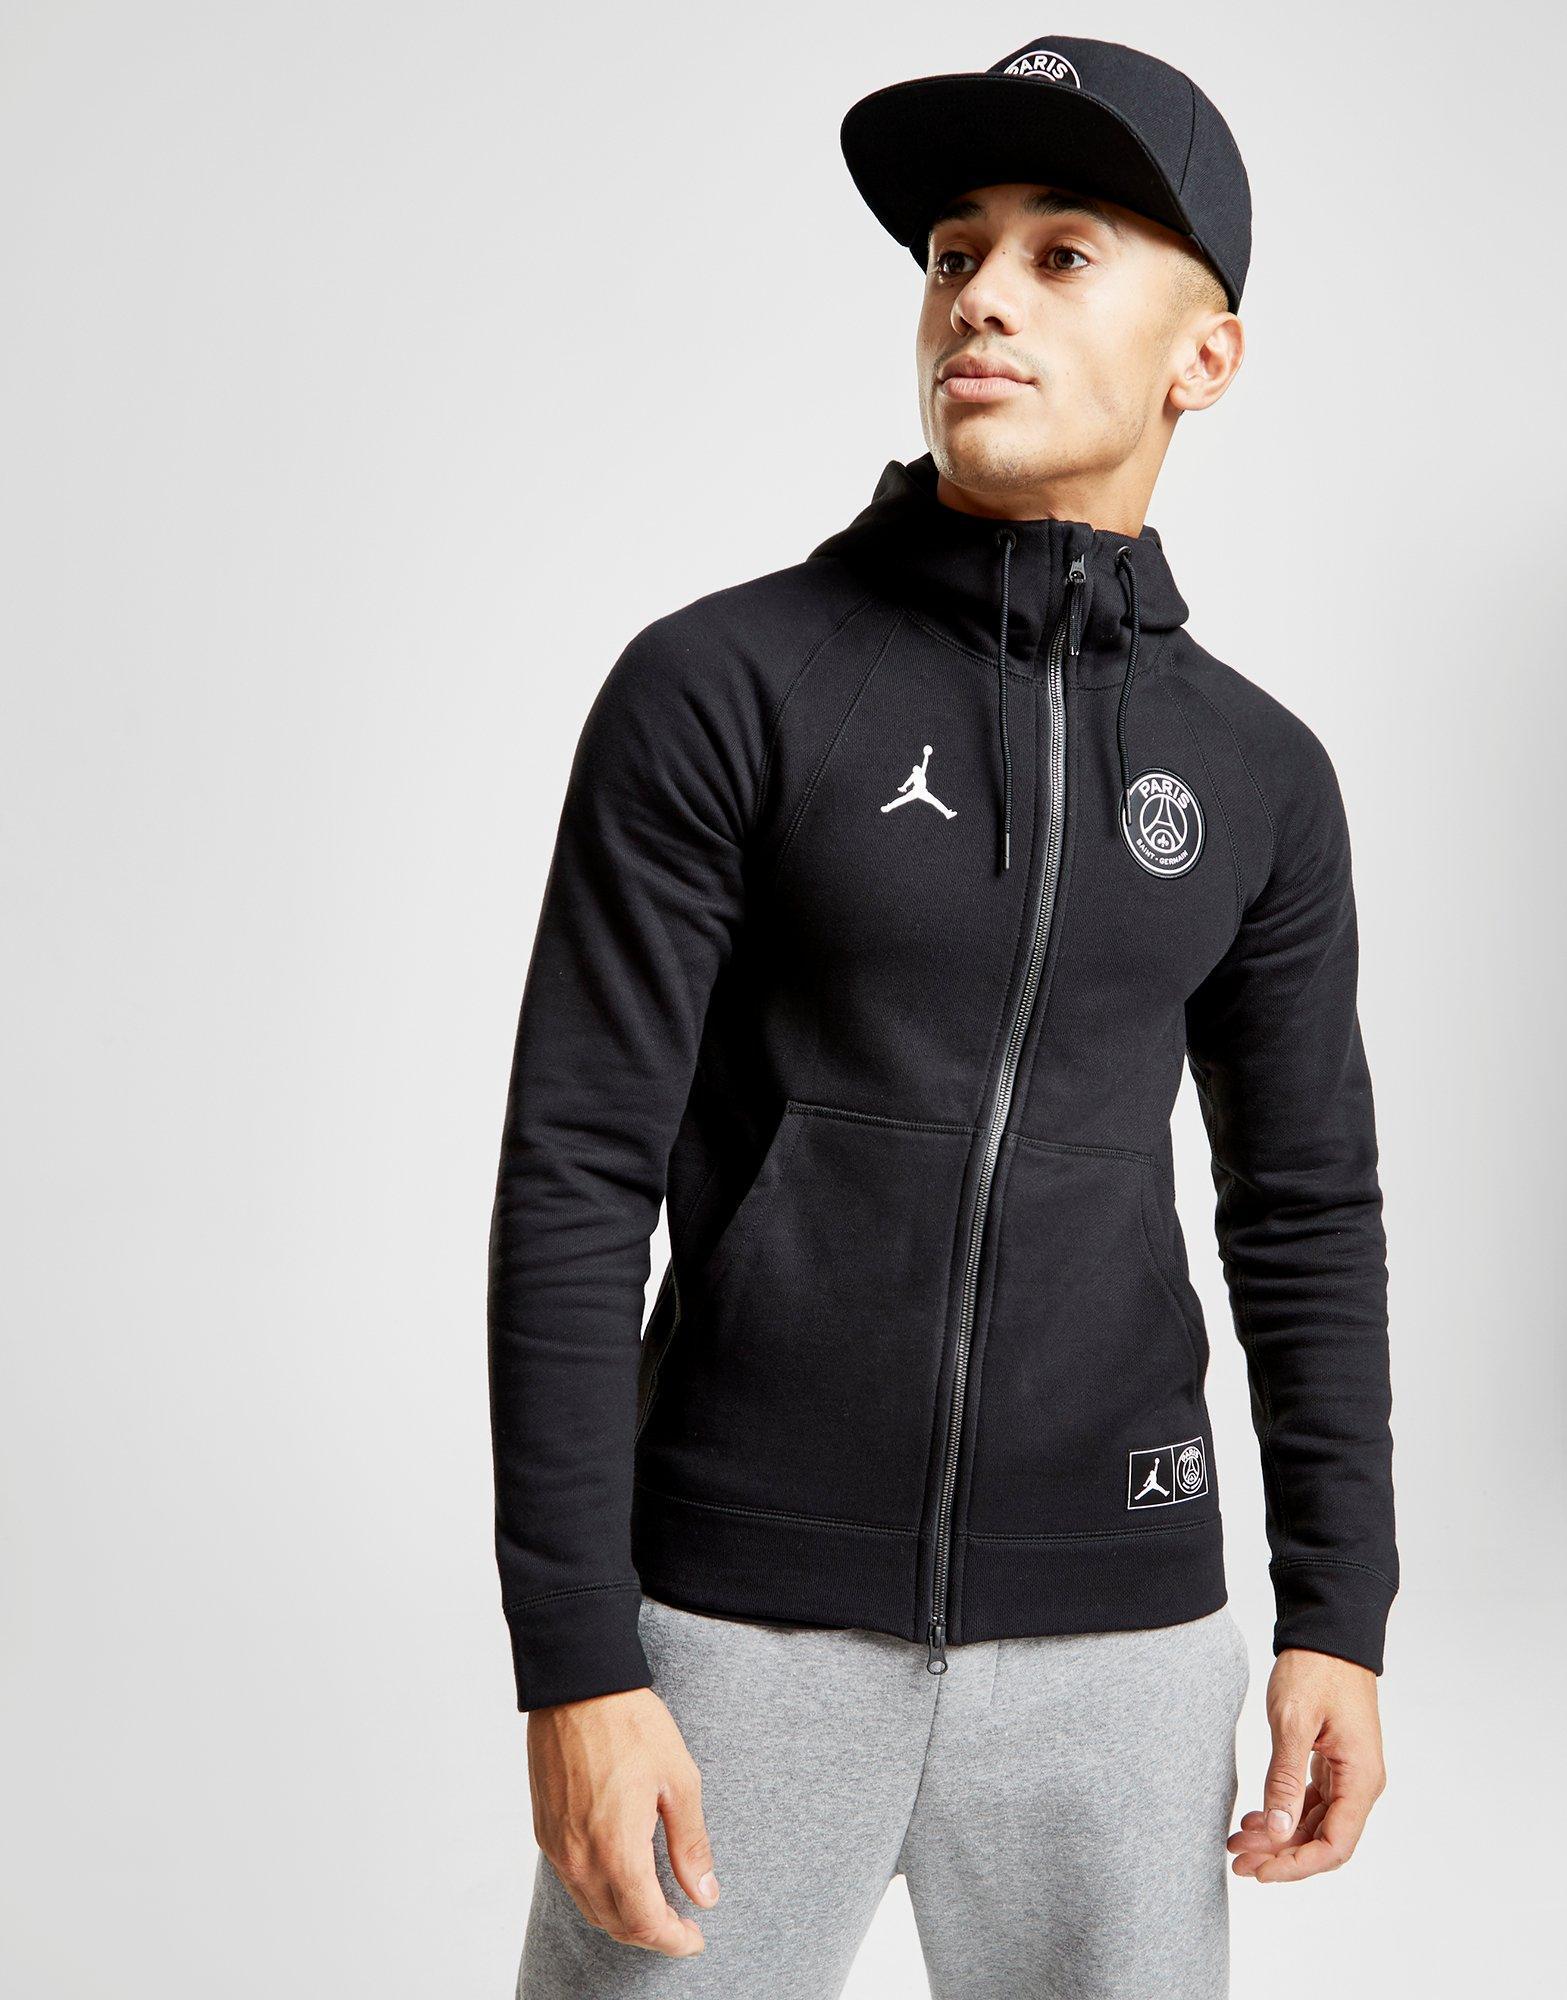 c79791ae2 Nike X Paris Saint Germain Wings Full Zip Hoodie in Black for Men - Lyst